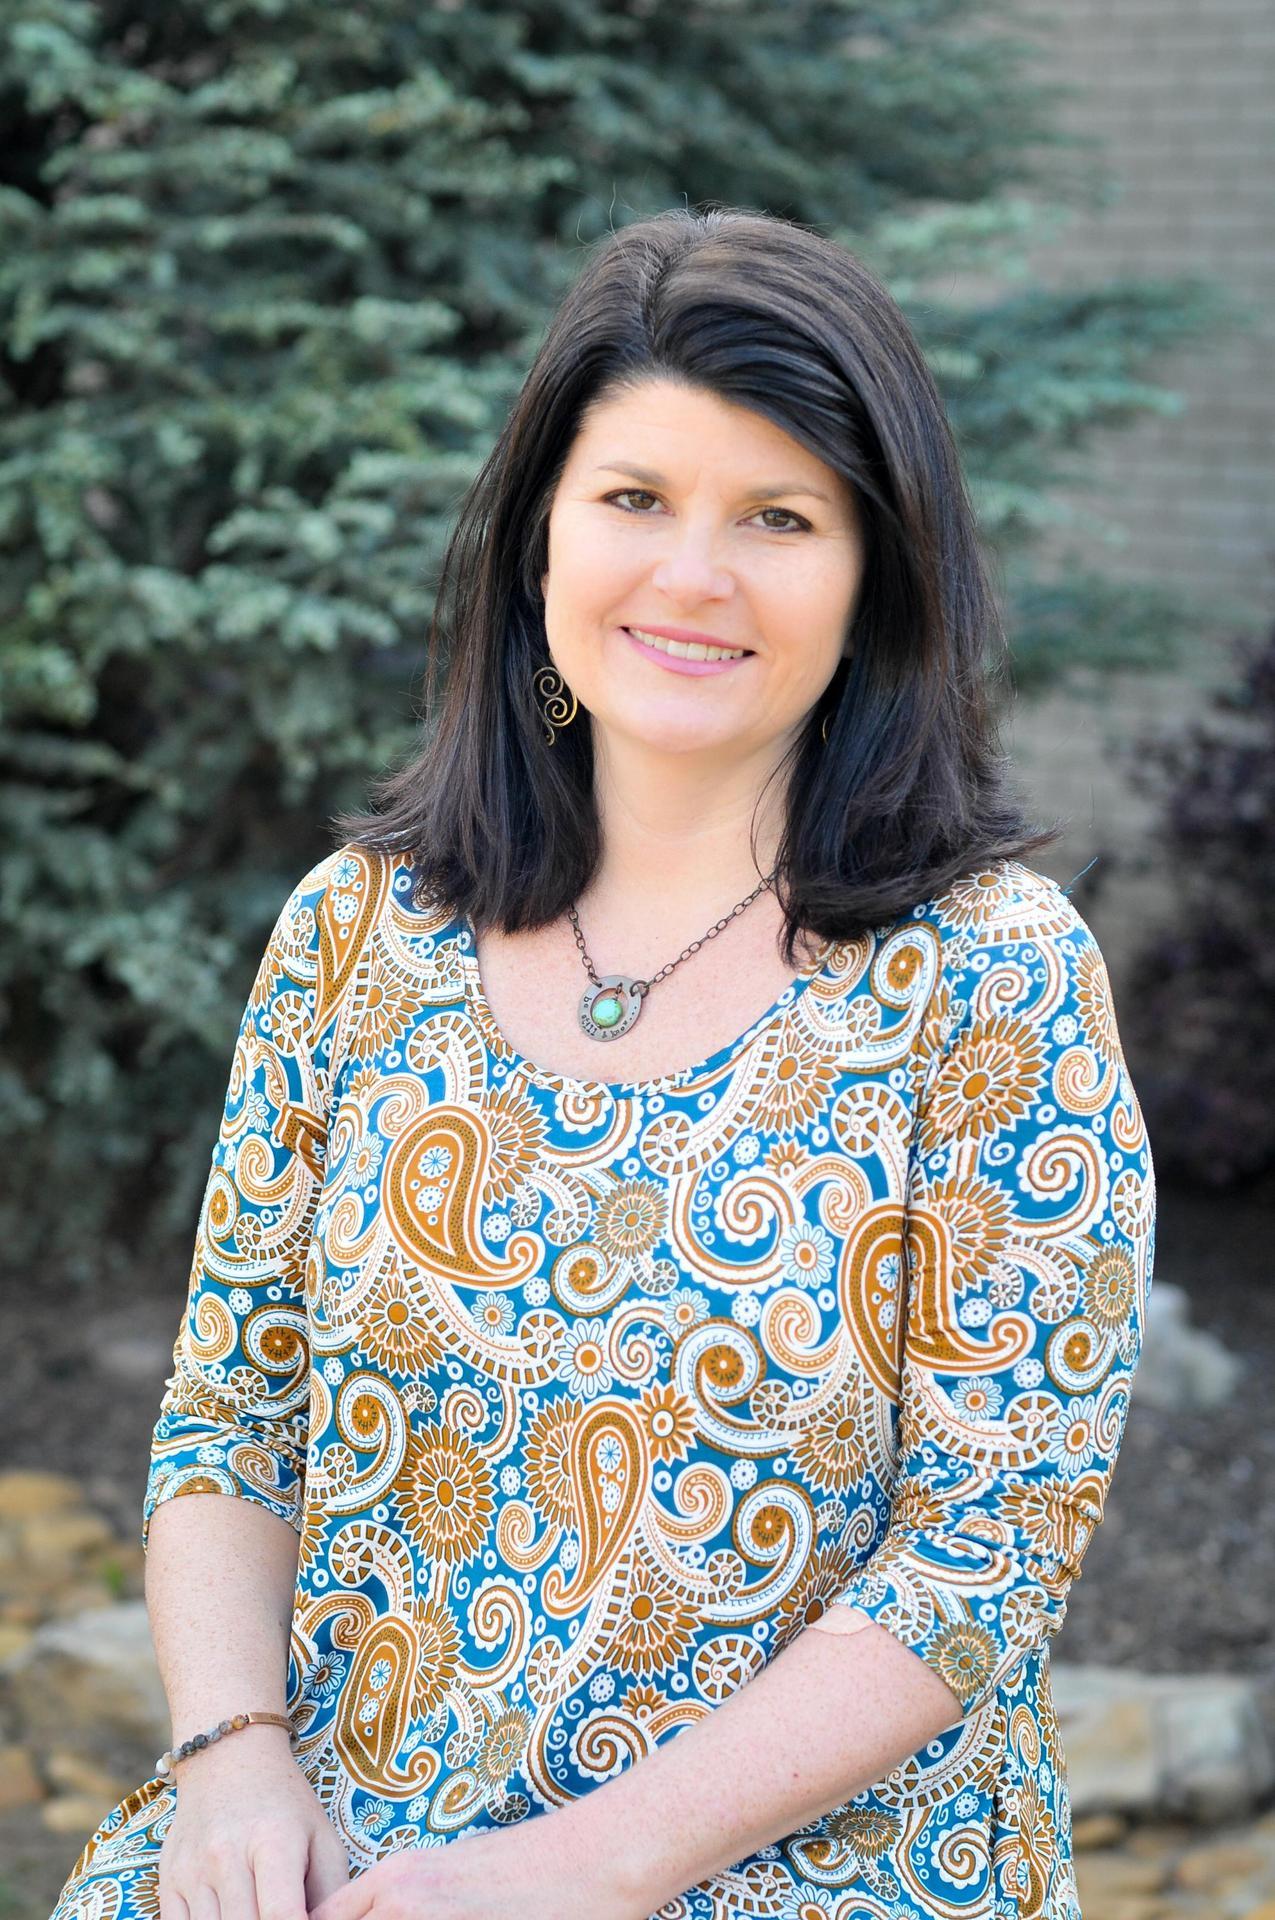 Susan Spruill